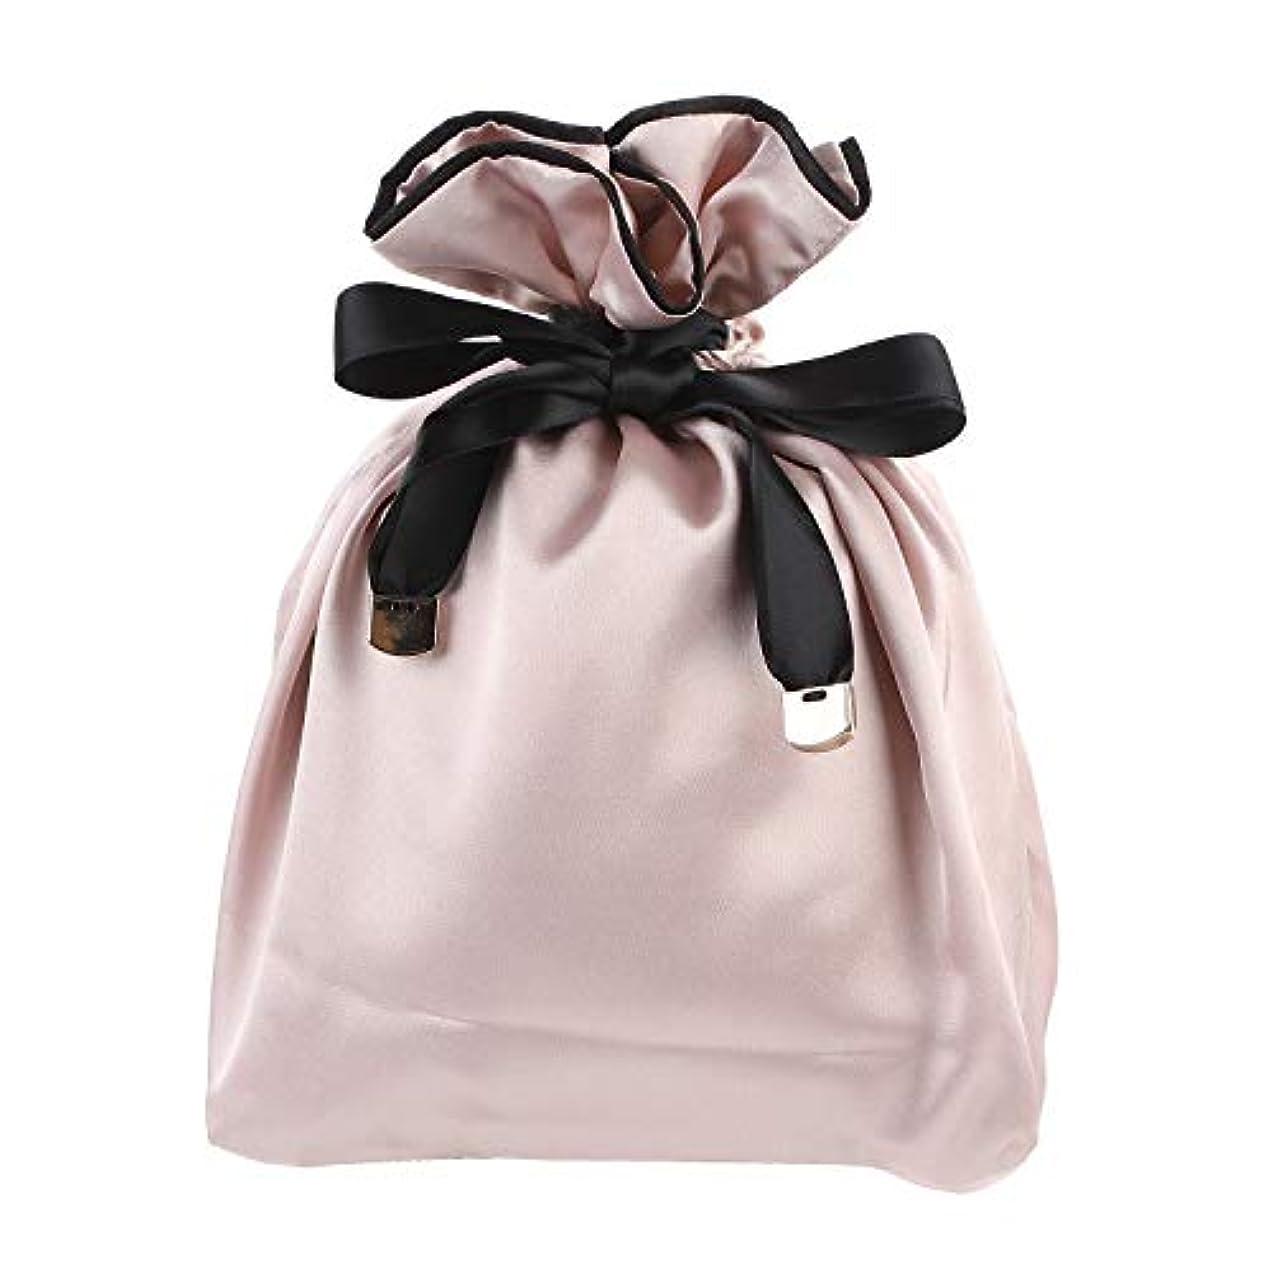 シュート占める移行NEOVIVA 巾着 袋 女の子 化粧品ポーチ 小物入れ スベスベ 旅行 ギフト ピンク 巾着袋だけ